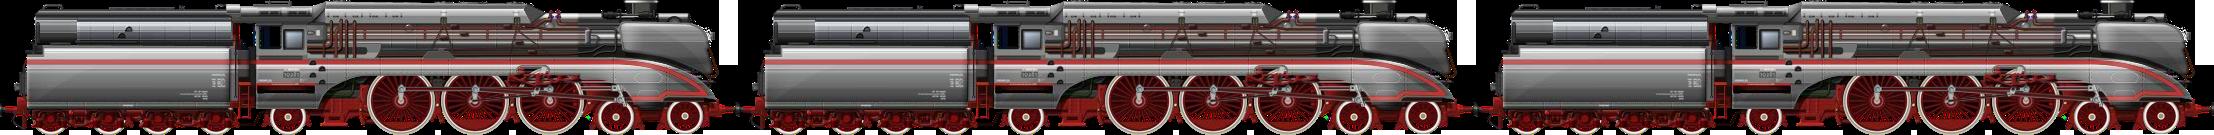 DR 18 201 Chrome